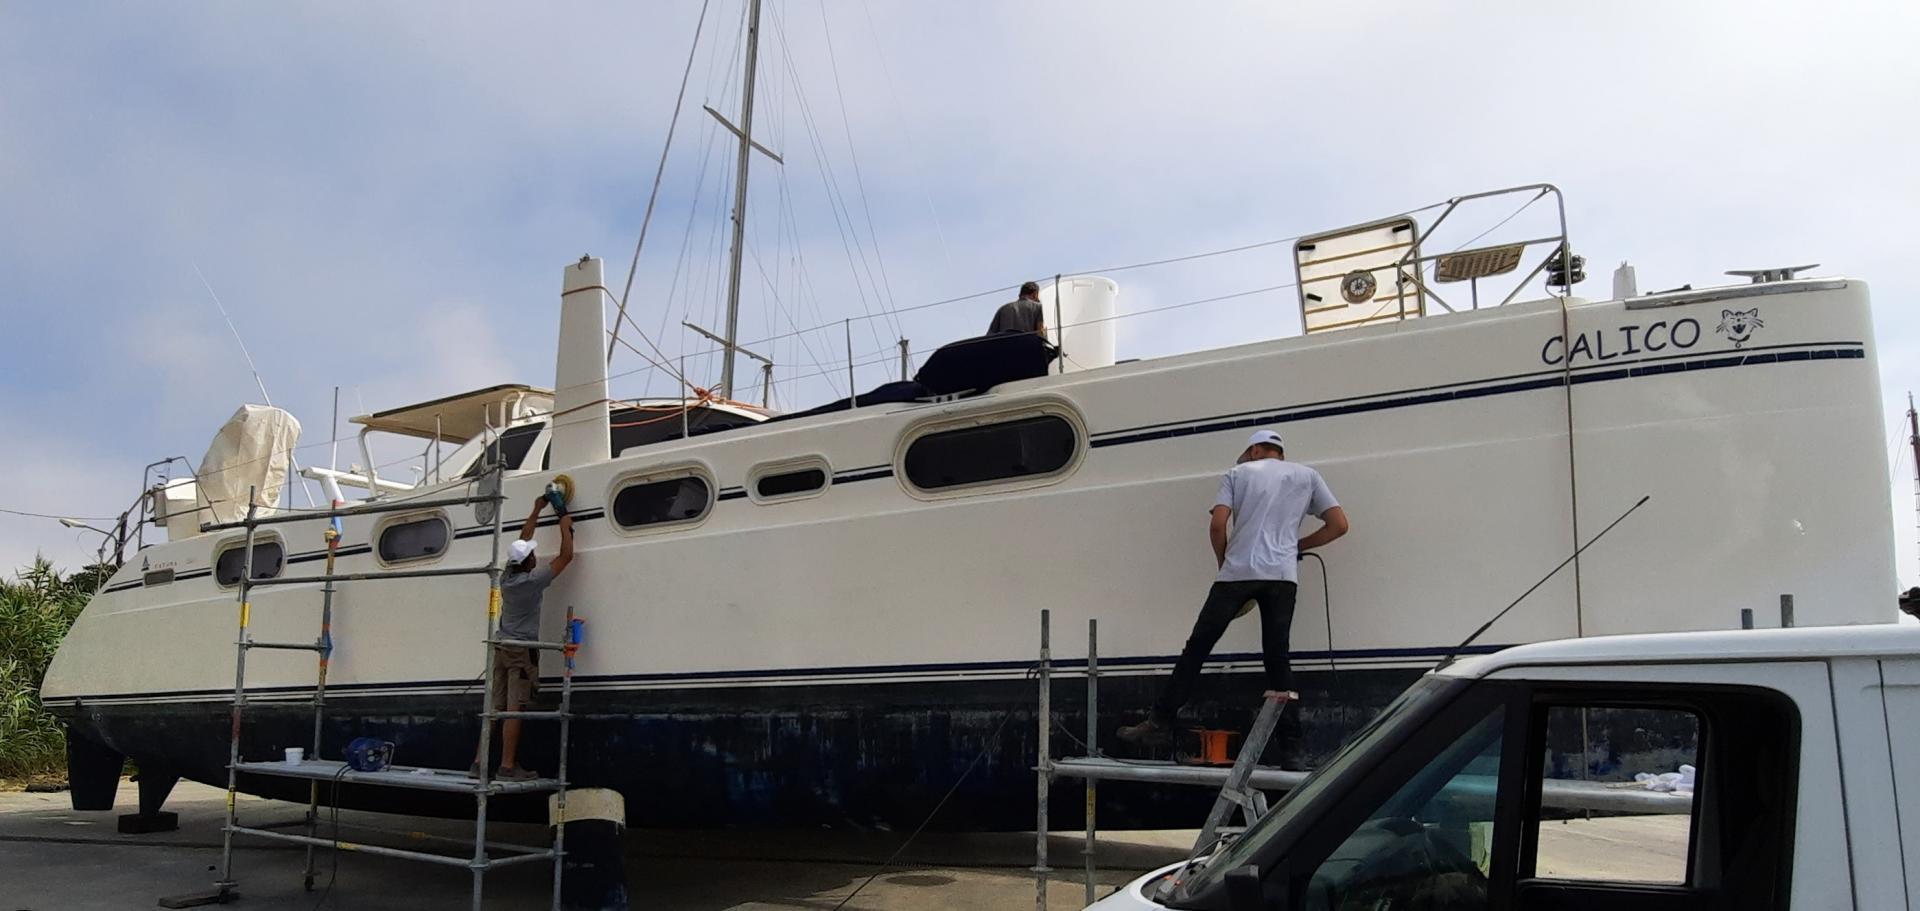 Polish hull catana 581 calico